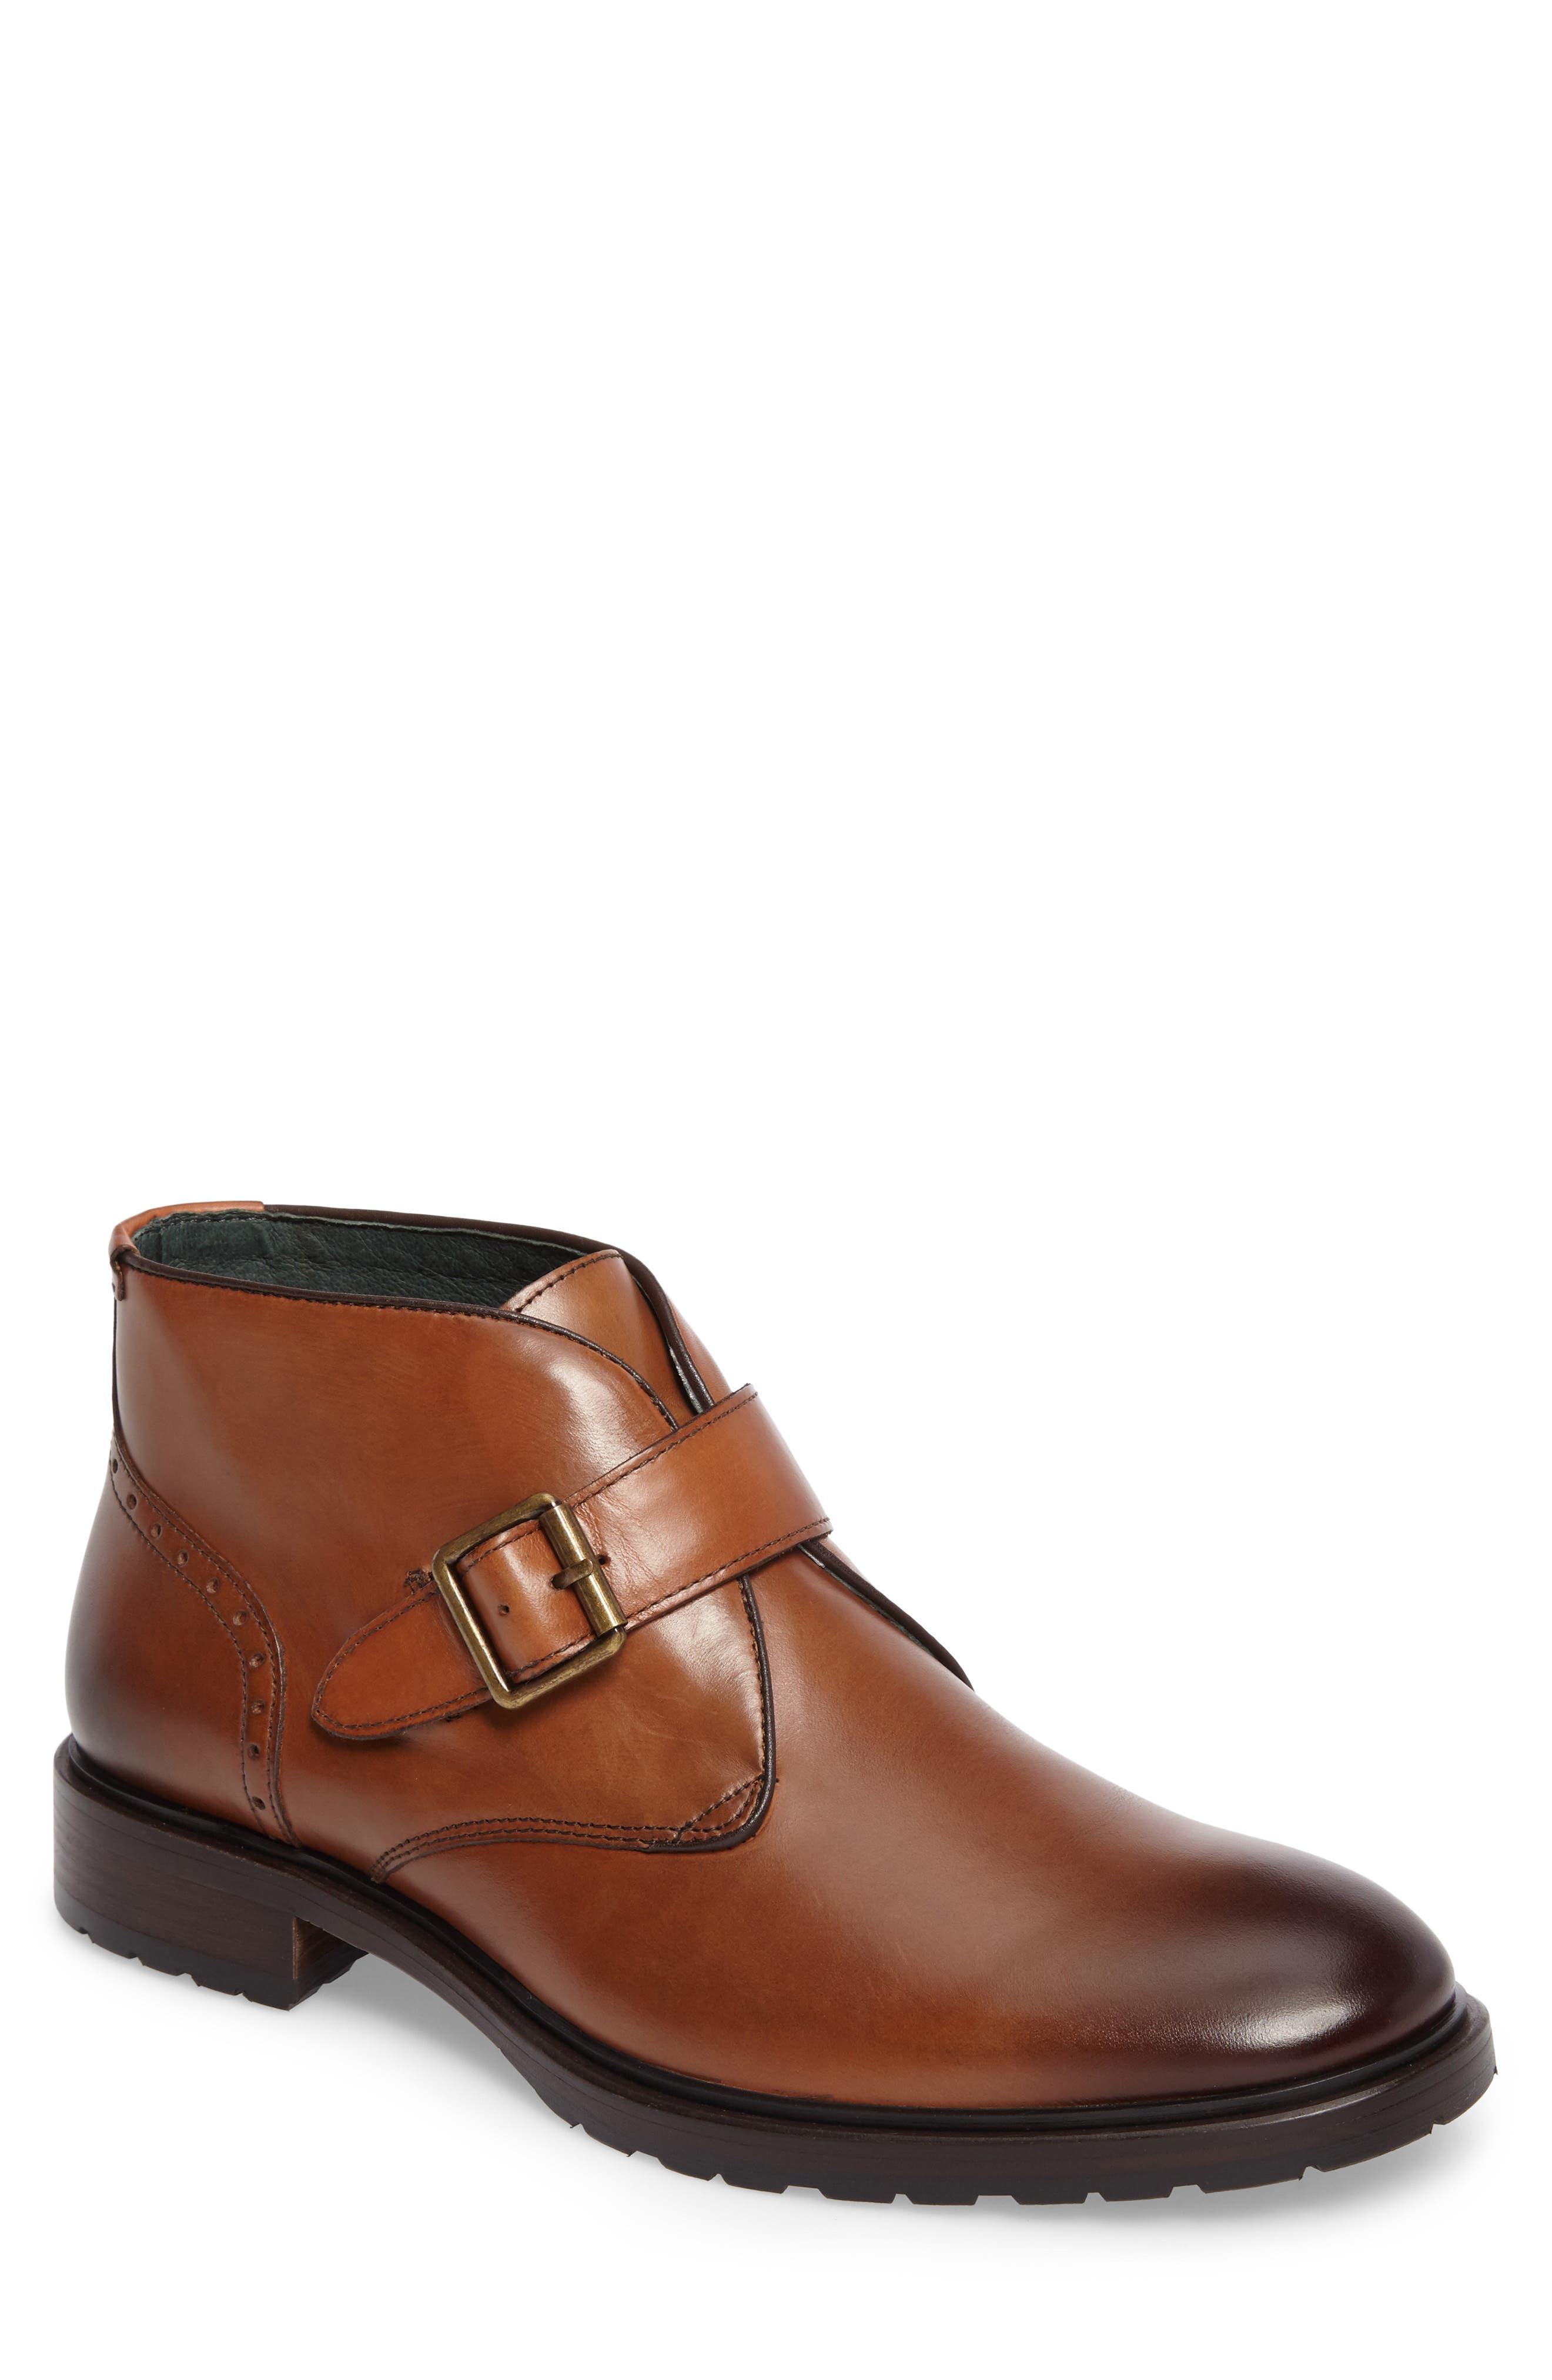 Myles Monk Strap Boot,                             Main thumbnail 1, color,                             Cognac Leather